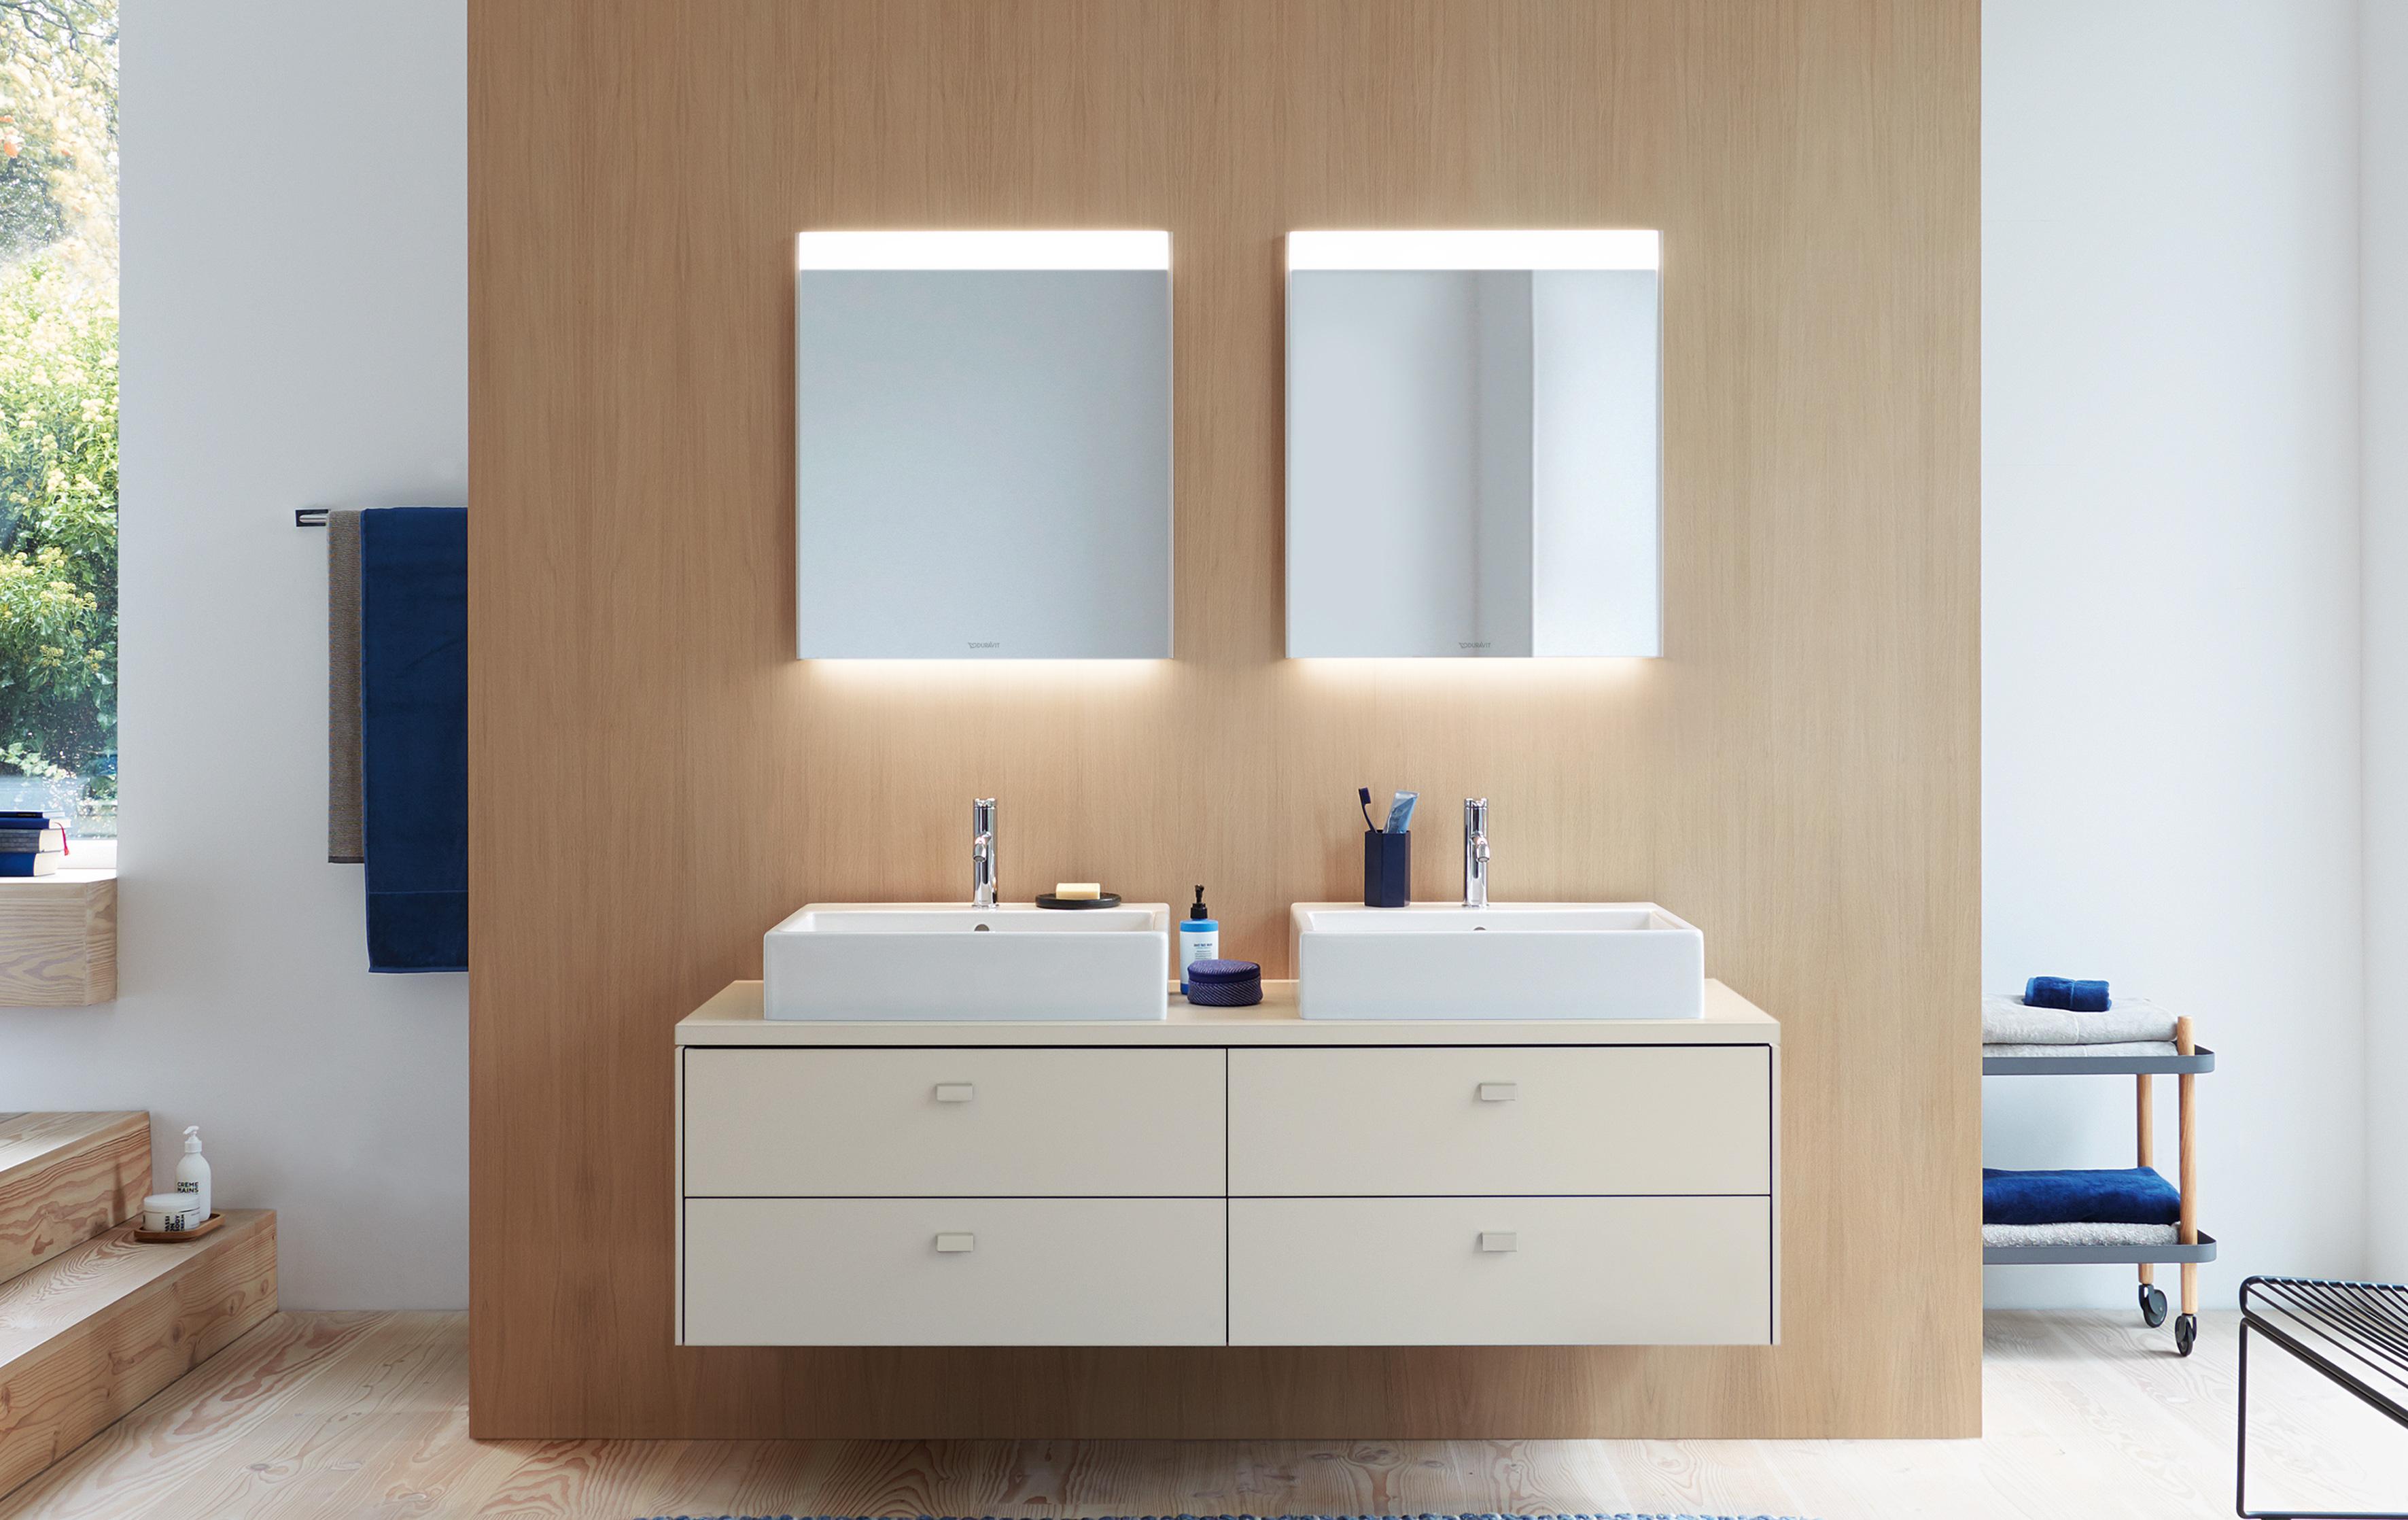 Modernes Badezimmer Designer Badspiegel Konzept Wohndesign